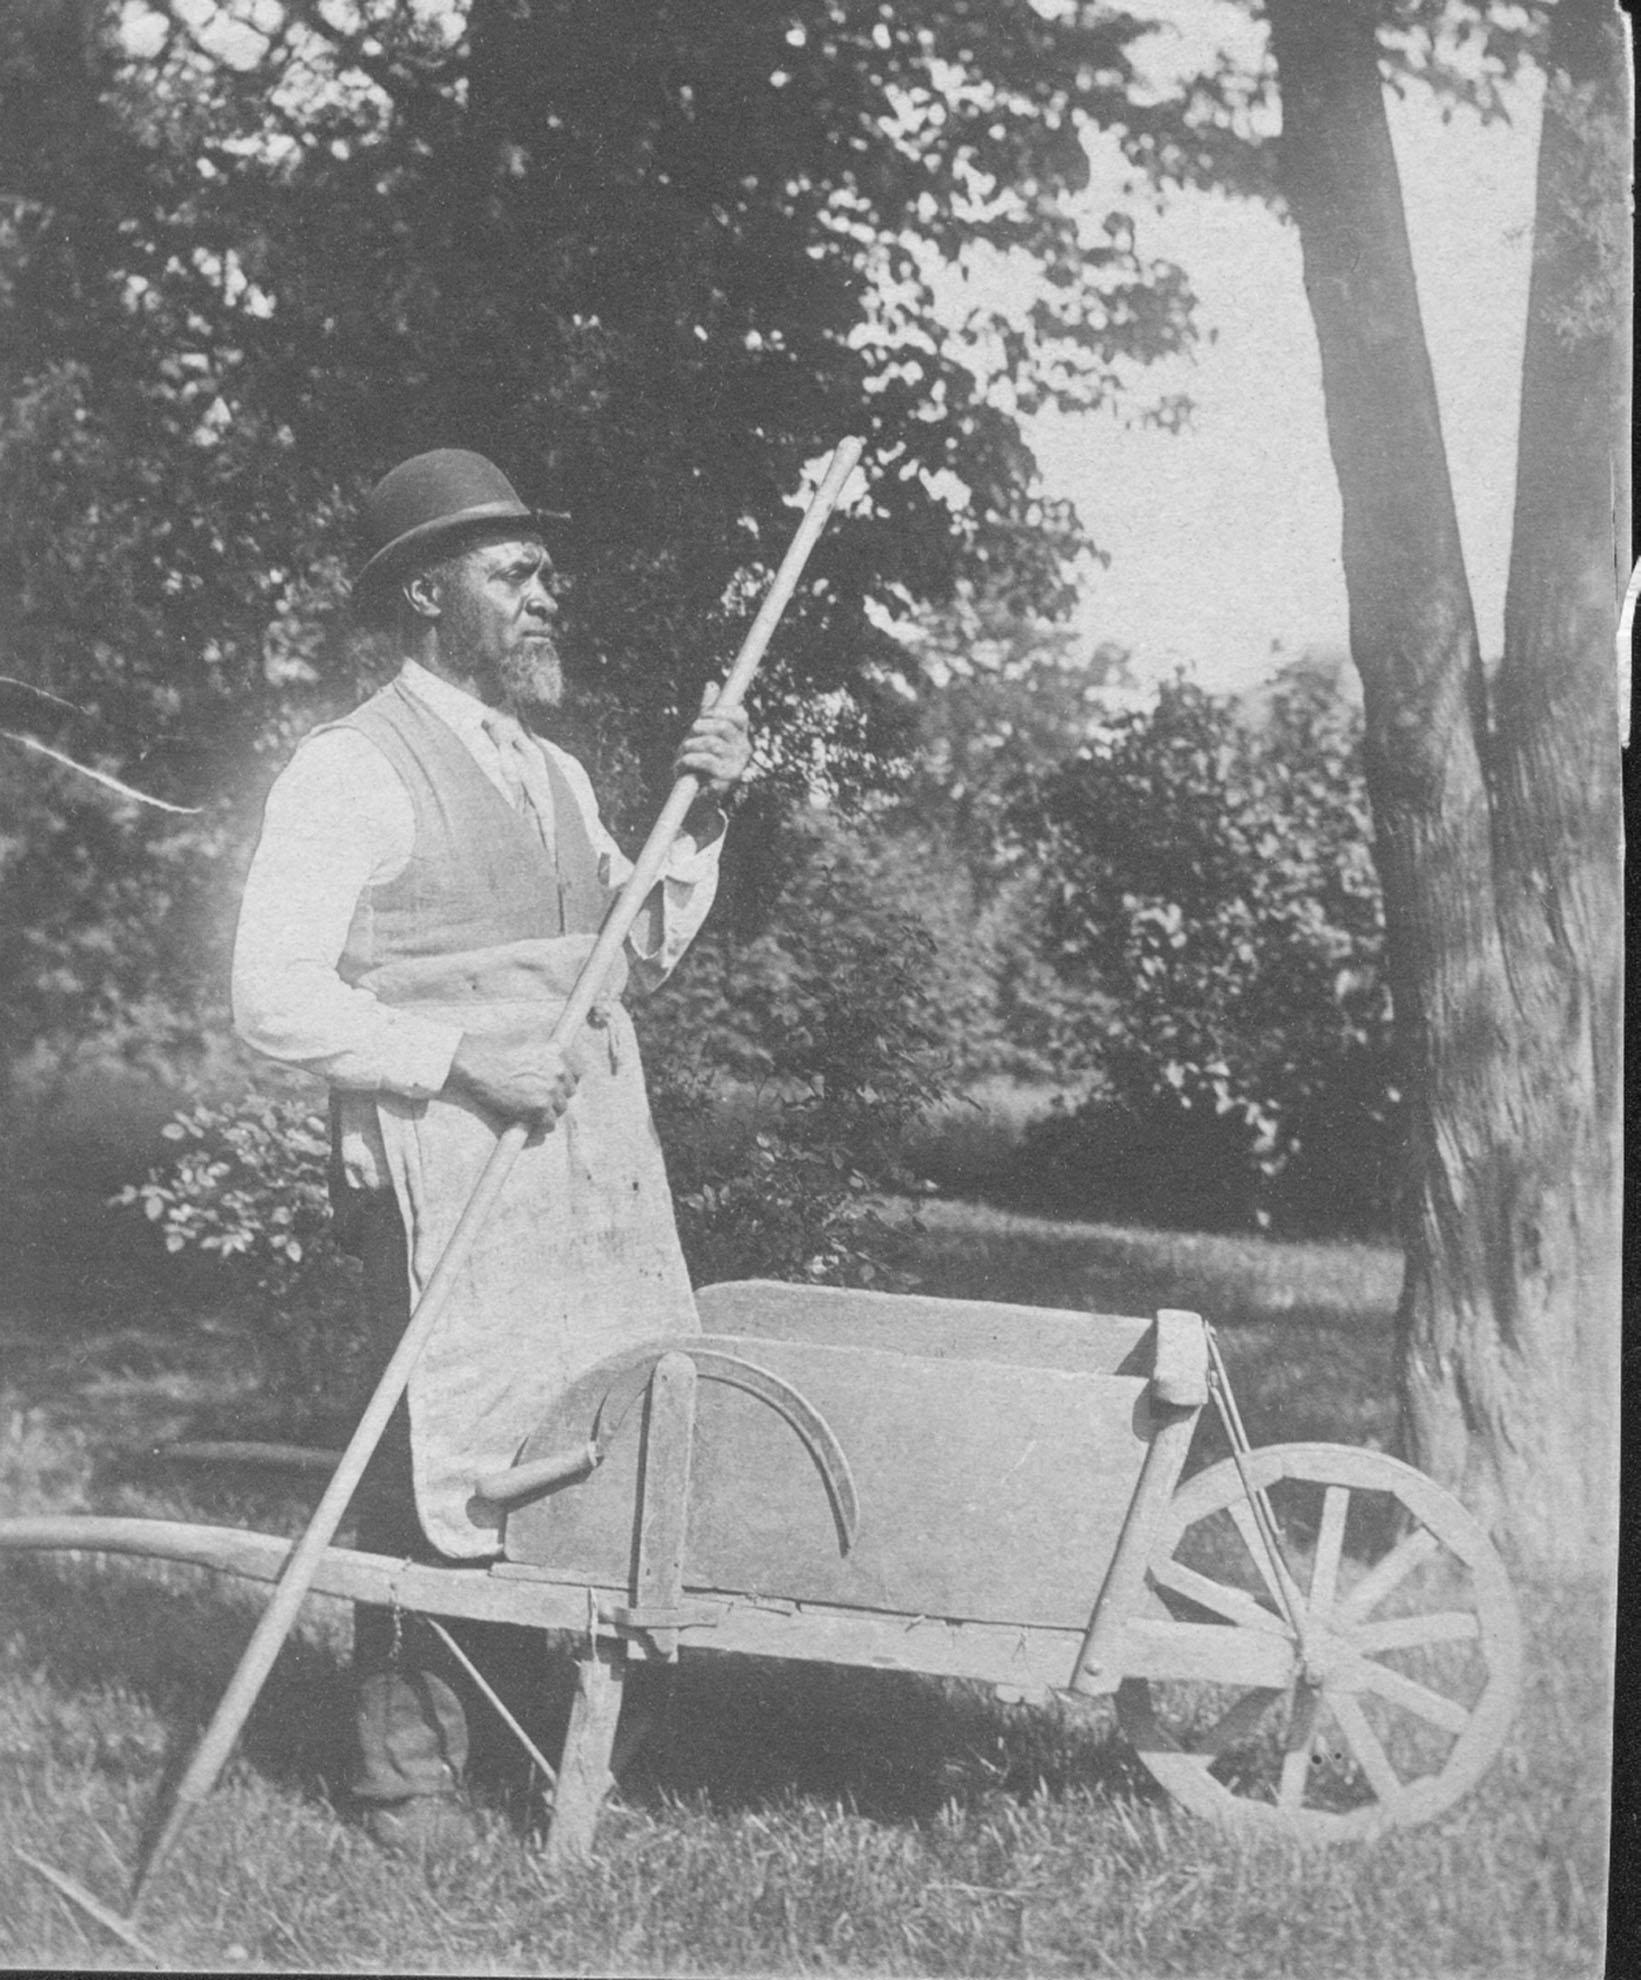 John Luckett w garden tools, A1.41bw